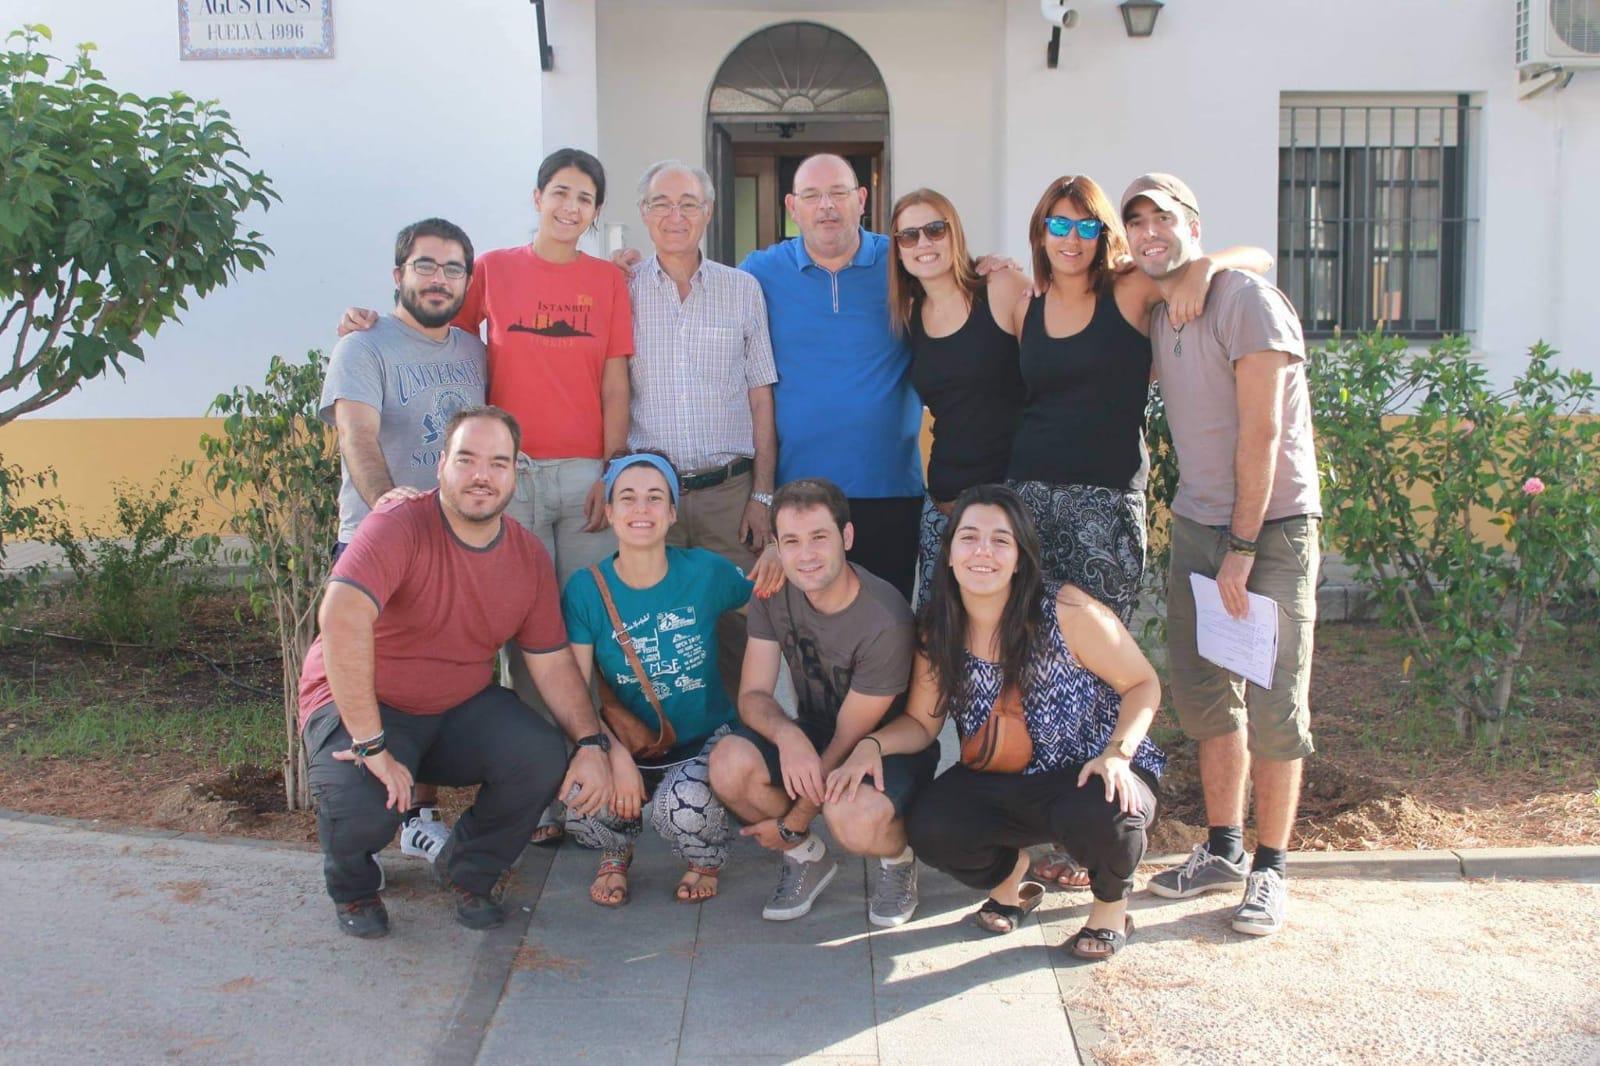 Los agustinos de Huelva cumplen 25 años de presencia en la diócesis, donde atienden tres parroquias y la capellanía de la cárcel.